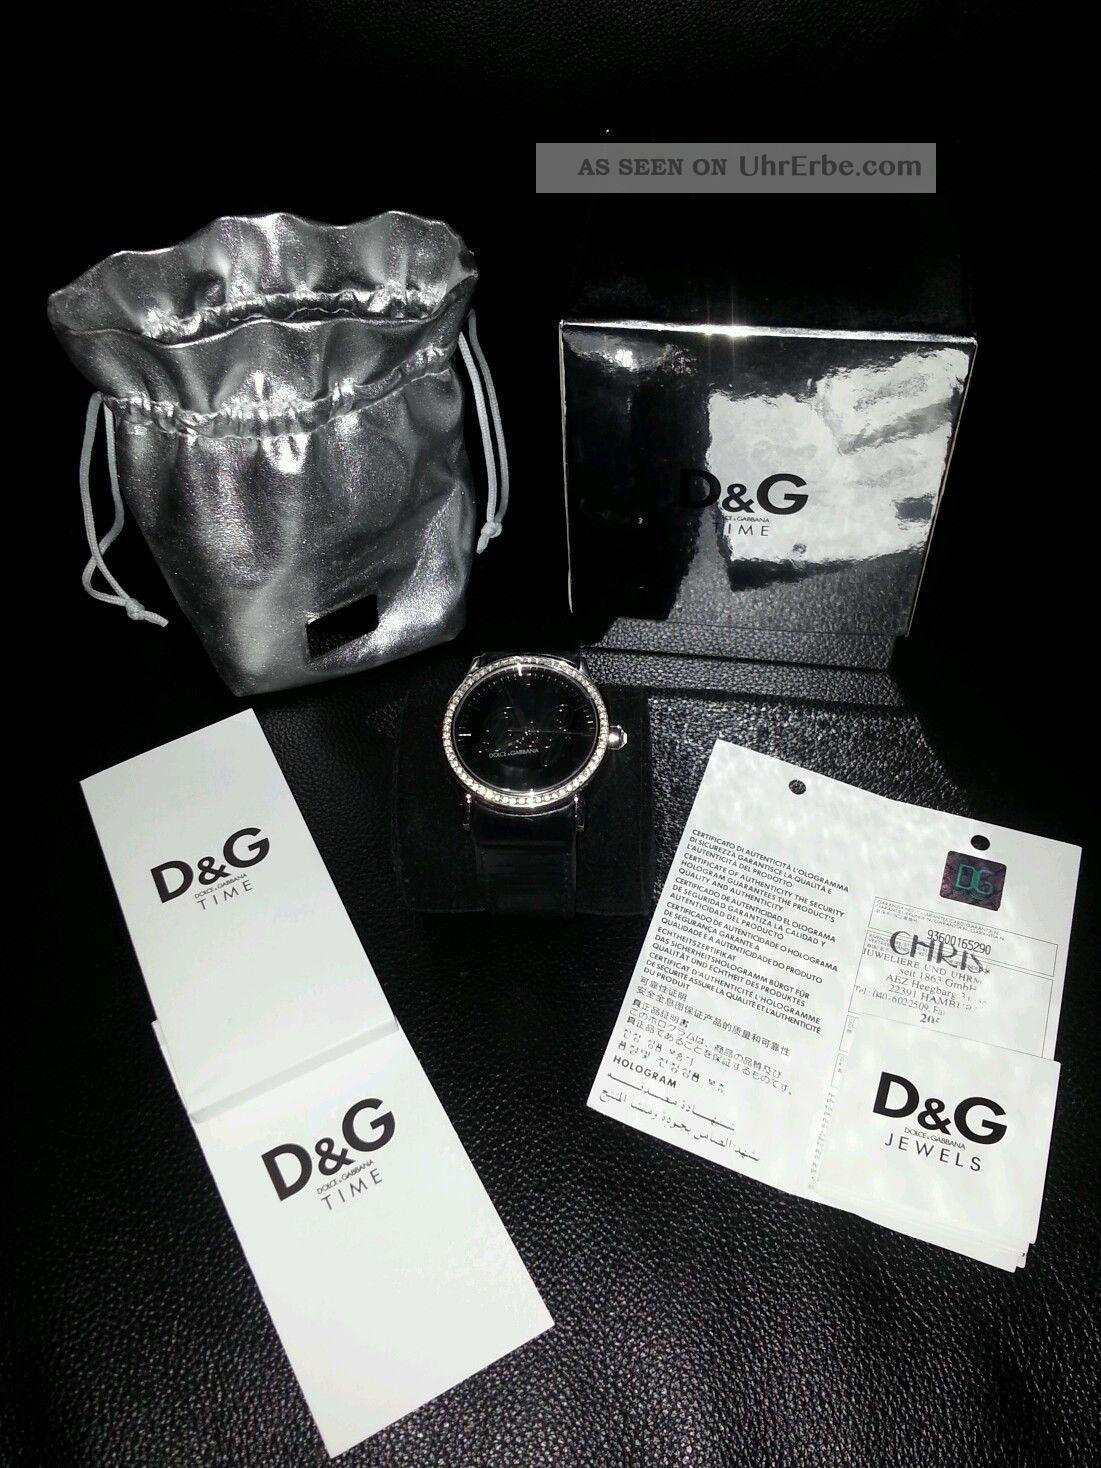 Dolce Und Gabbana D&g Damen Uhr Leder Schwarz Strass Armbanduhren Bild